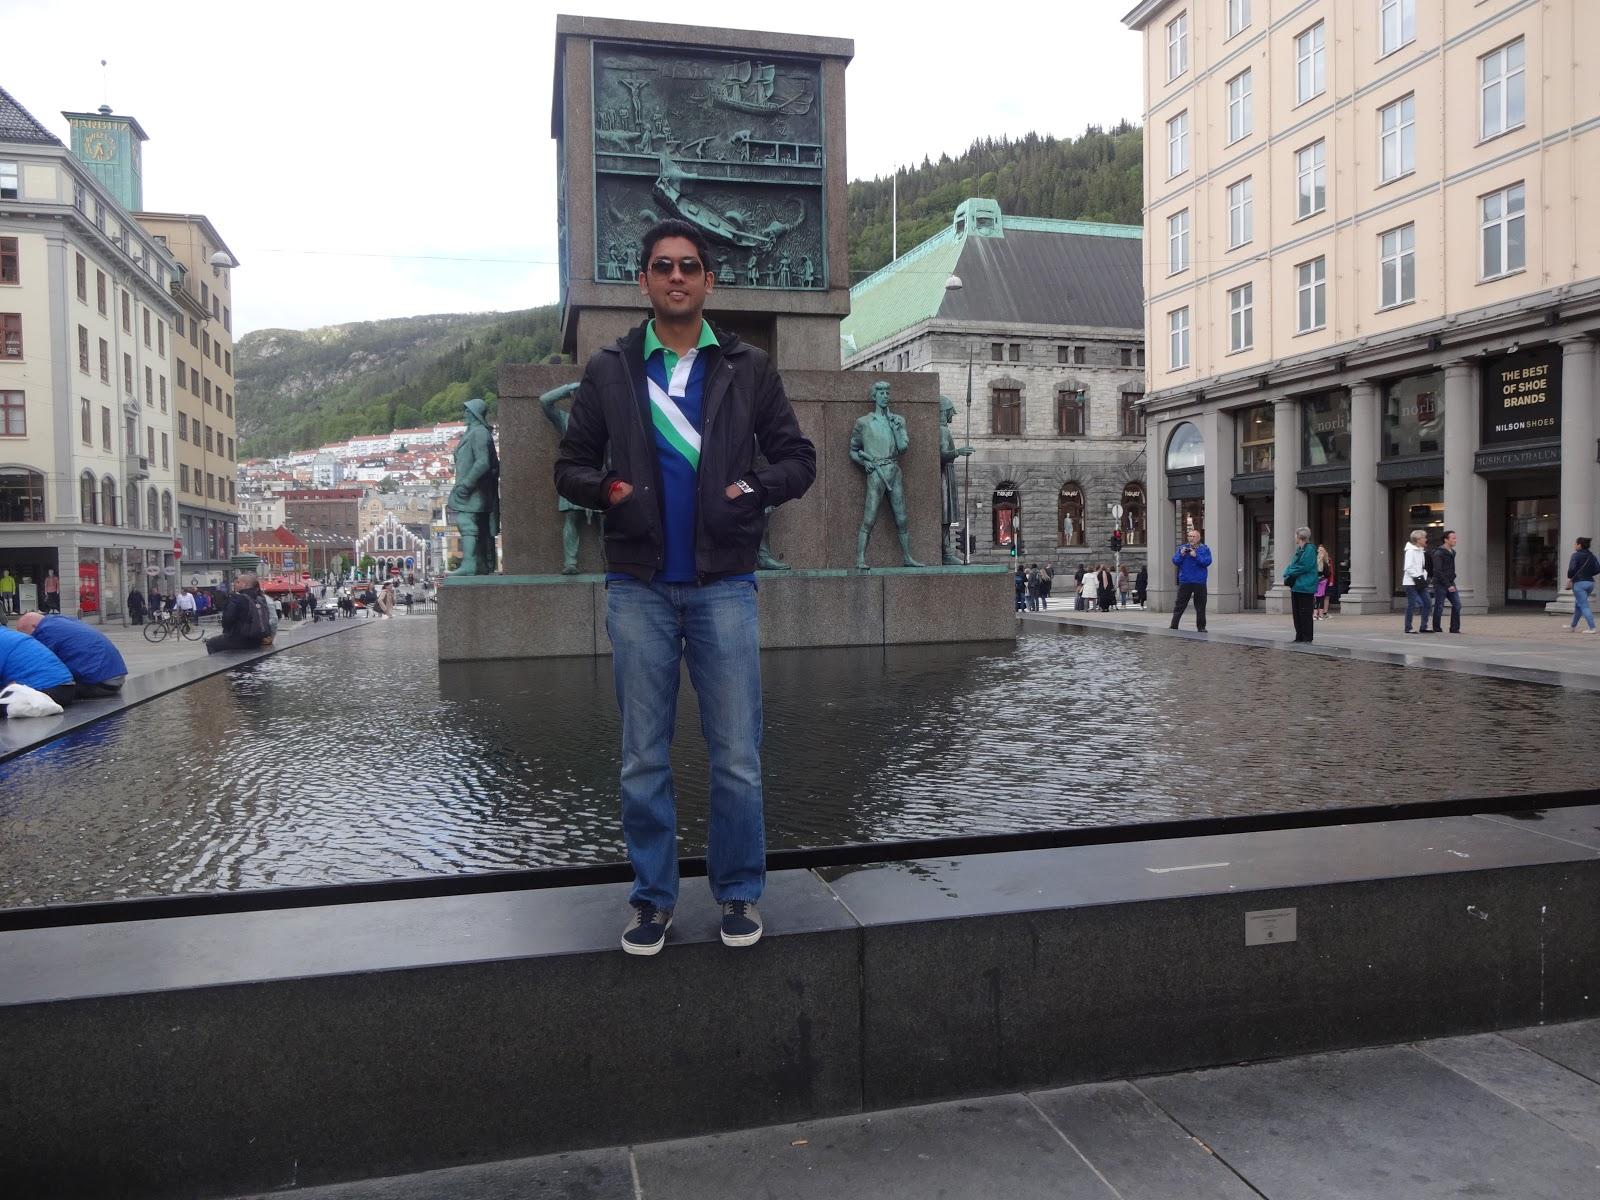 Bergen City Centre